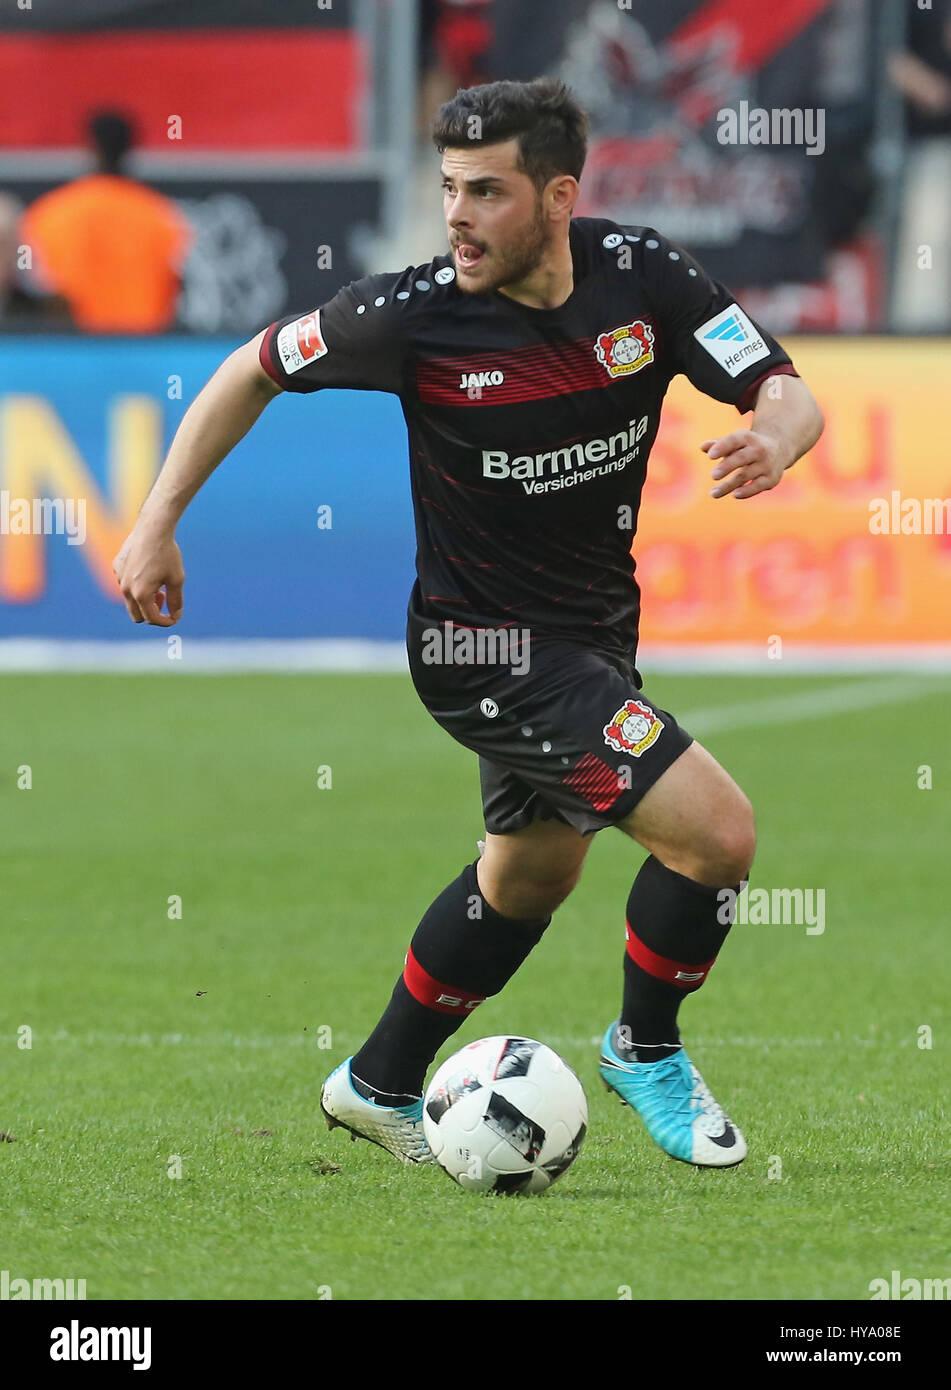 Leverkusen, Germany2nd April 2017, Bundesliga, matchday 2, Bayer 04 Leverkusen vs VfL Wolfsburg: Kevin Volland (B04) Stock Photo